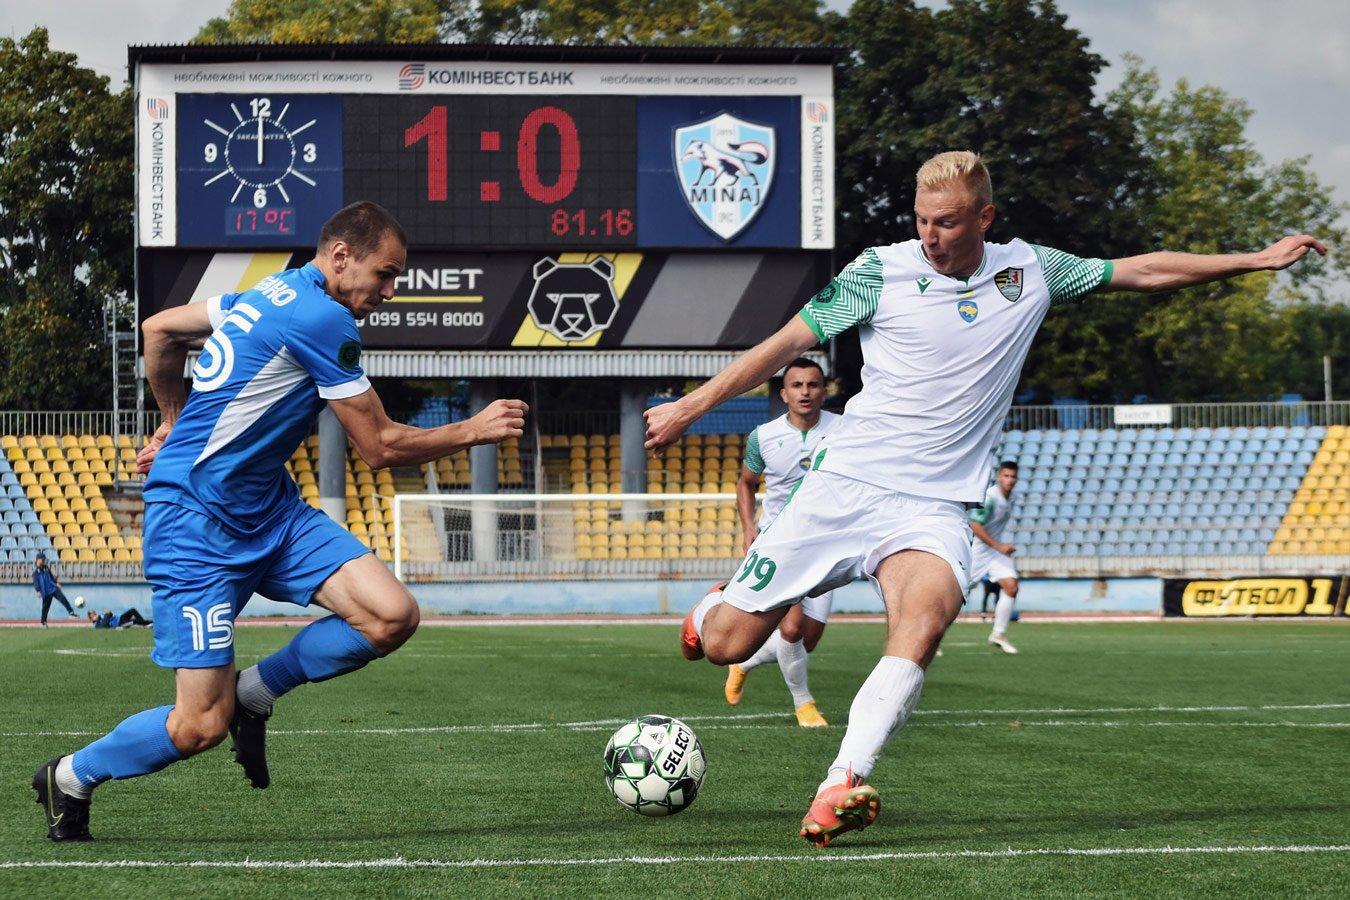 На праздновавшего гол в ворота своей команды украинского футболиста завели дело